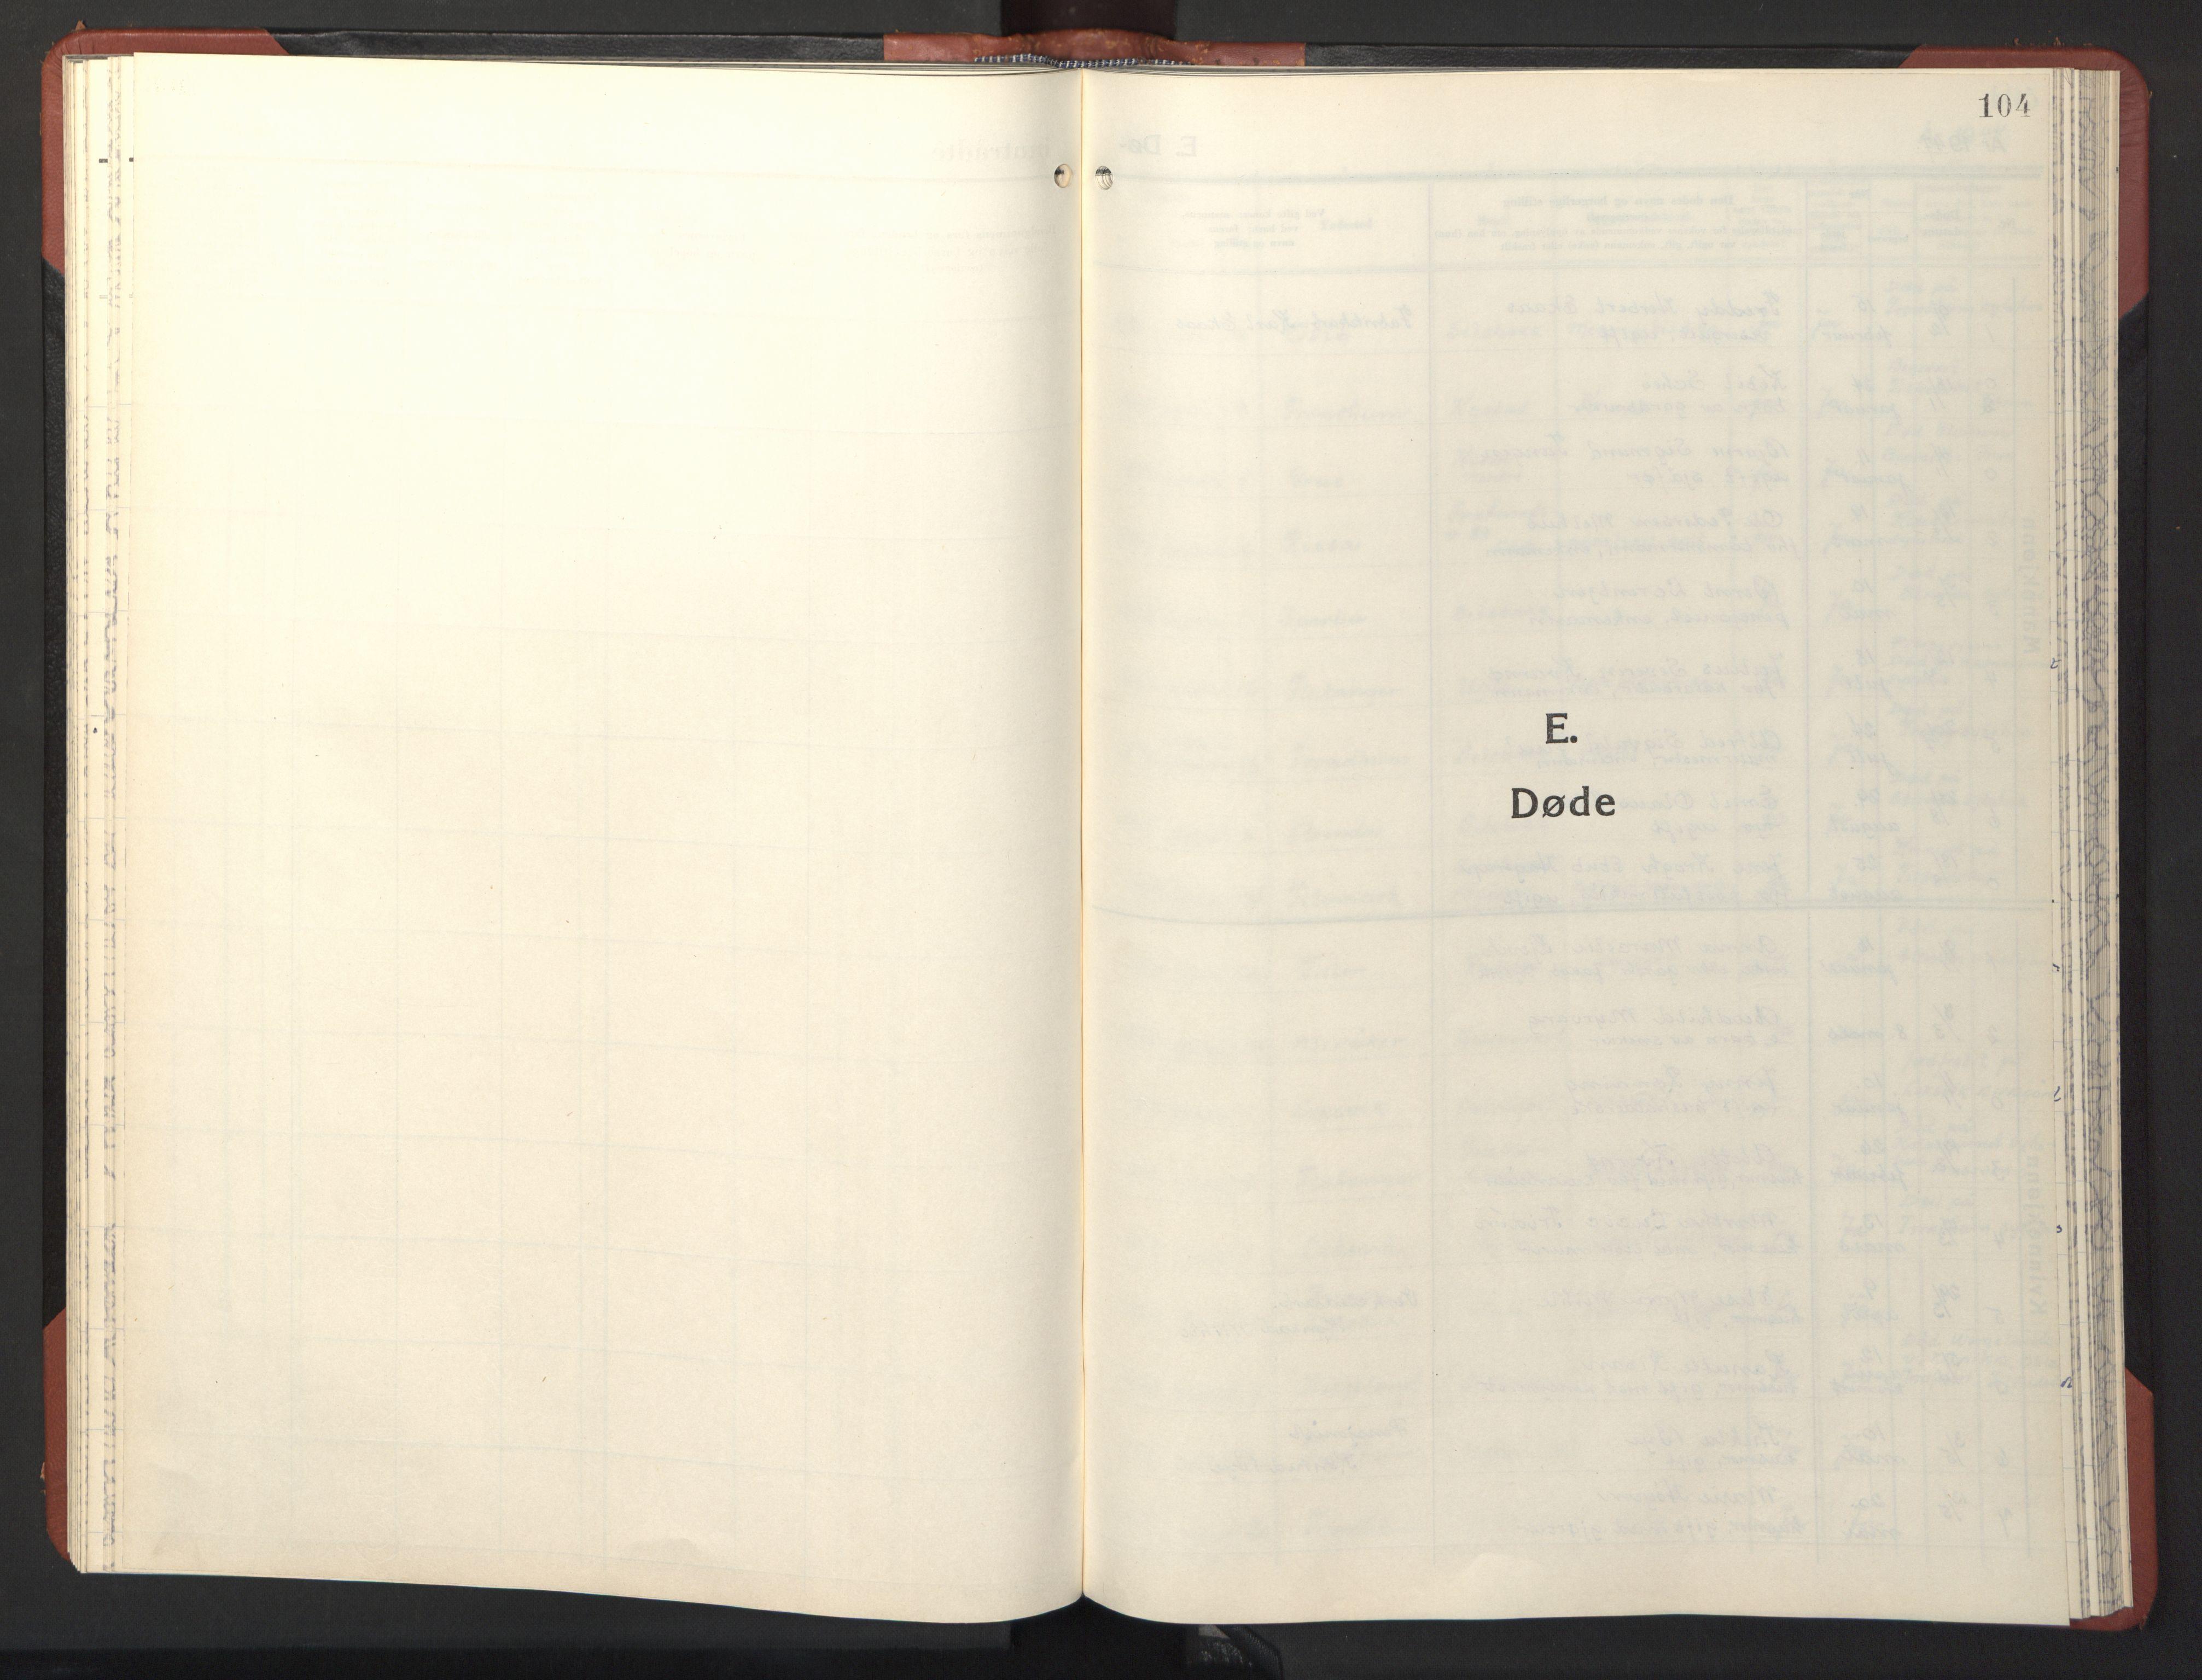 SAT, Ministerialprotokoller, klokkerbøker og fødselsregistre - Sør-Trøndelag, 611/L0359: Klokkerbok nr. 611C07, 1947-1950, s. 104